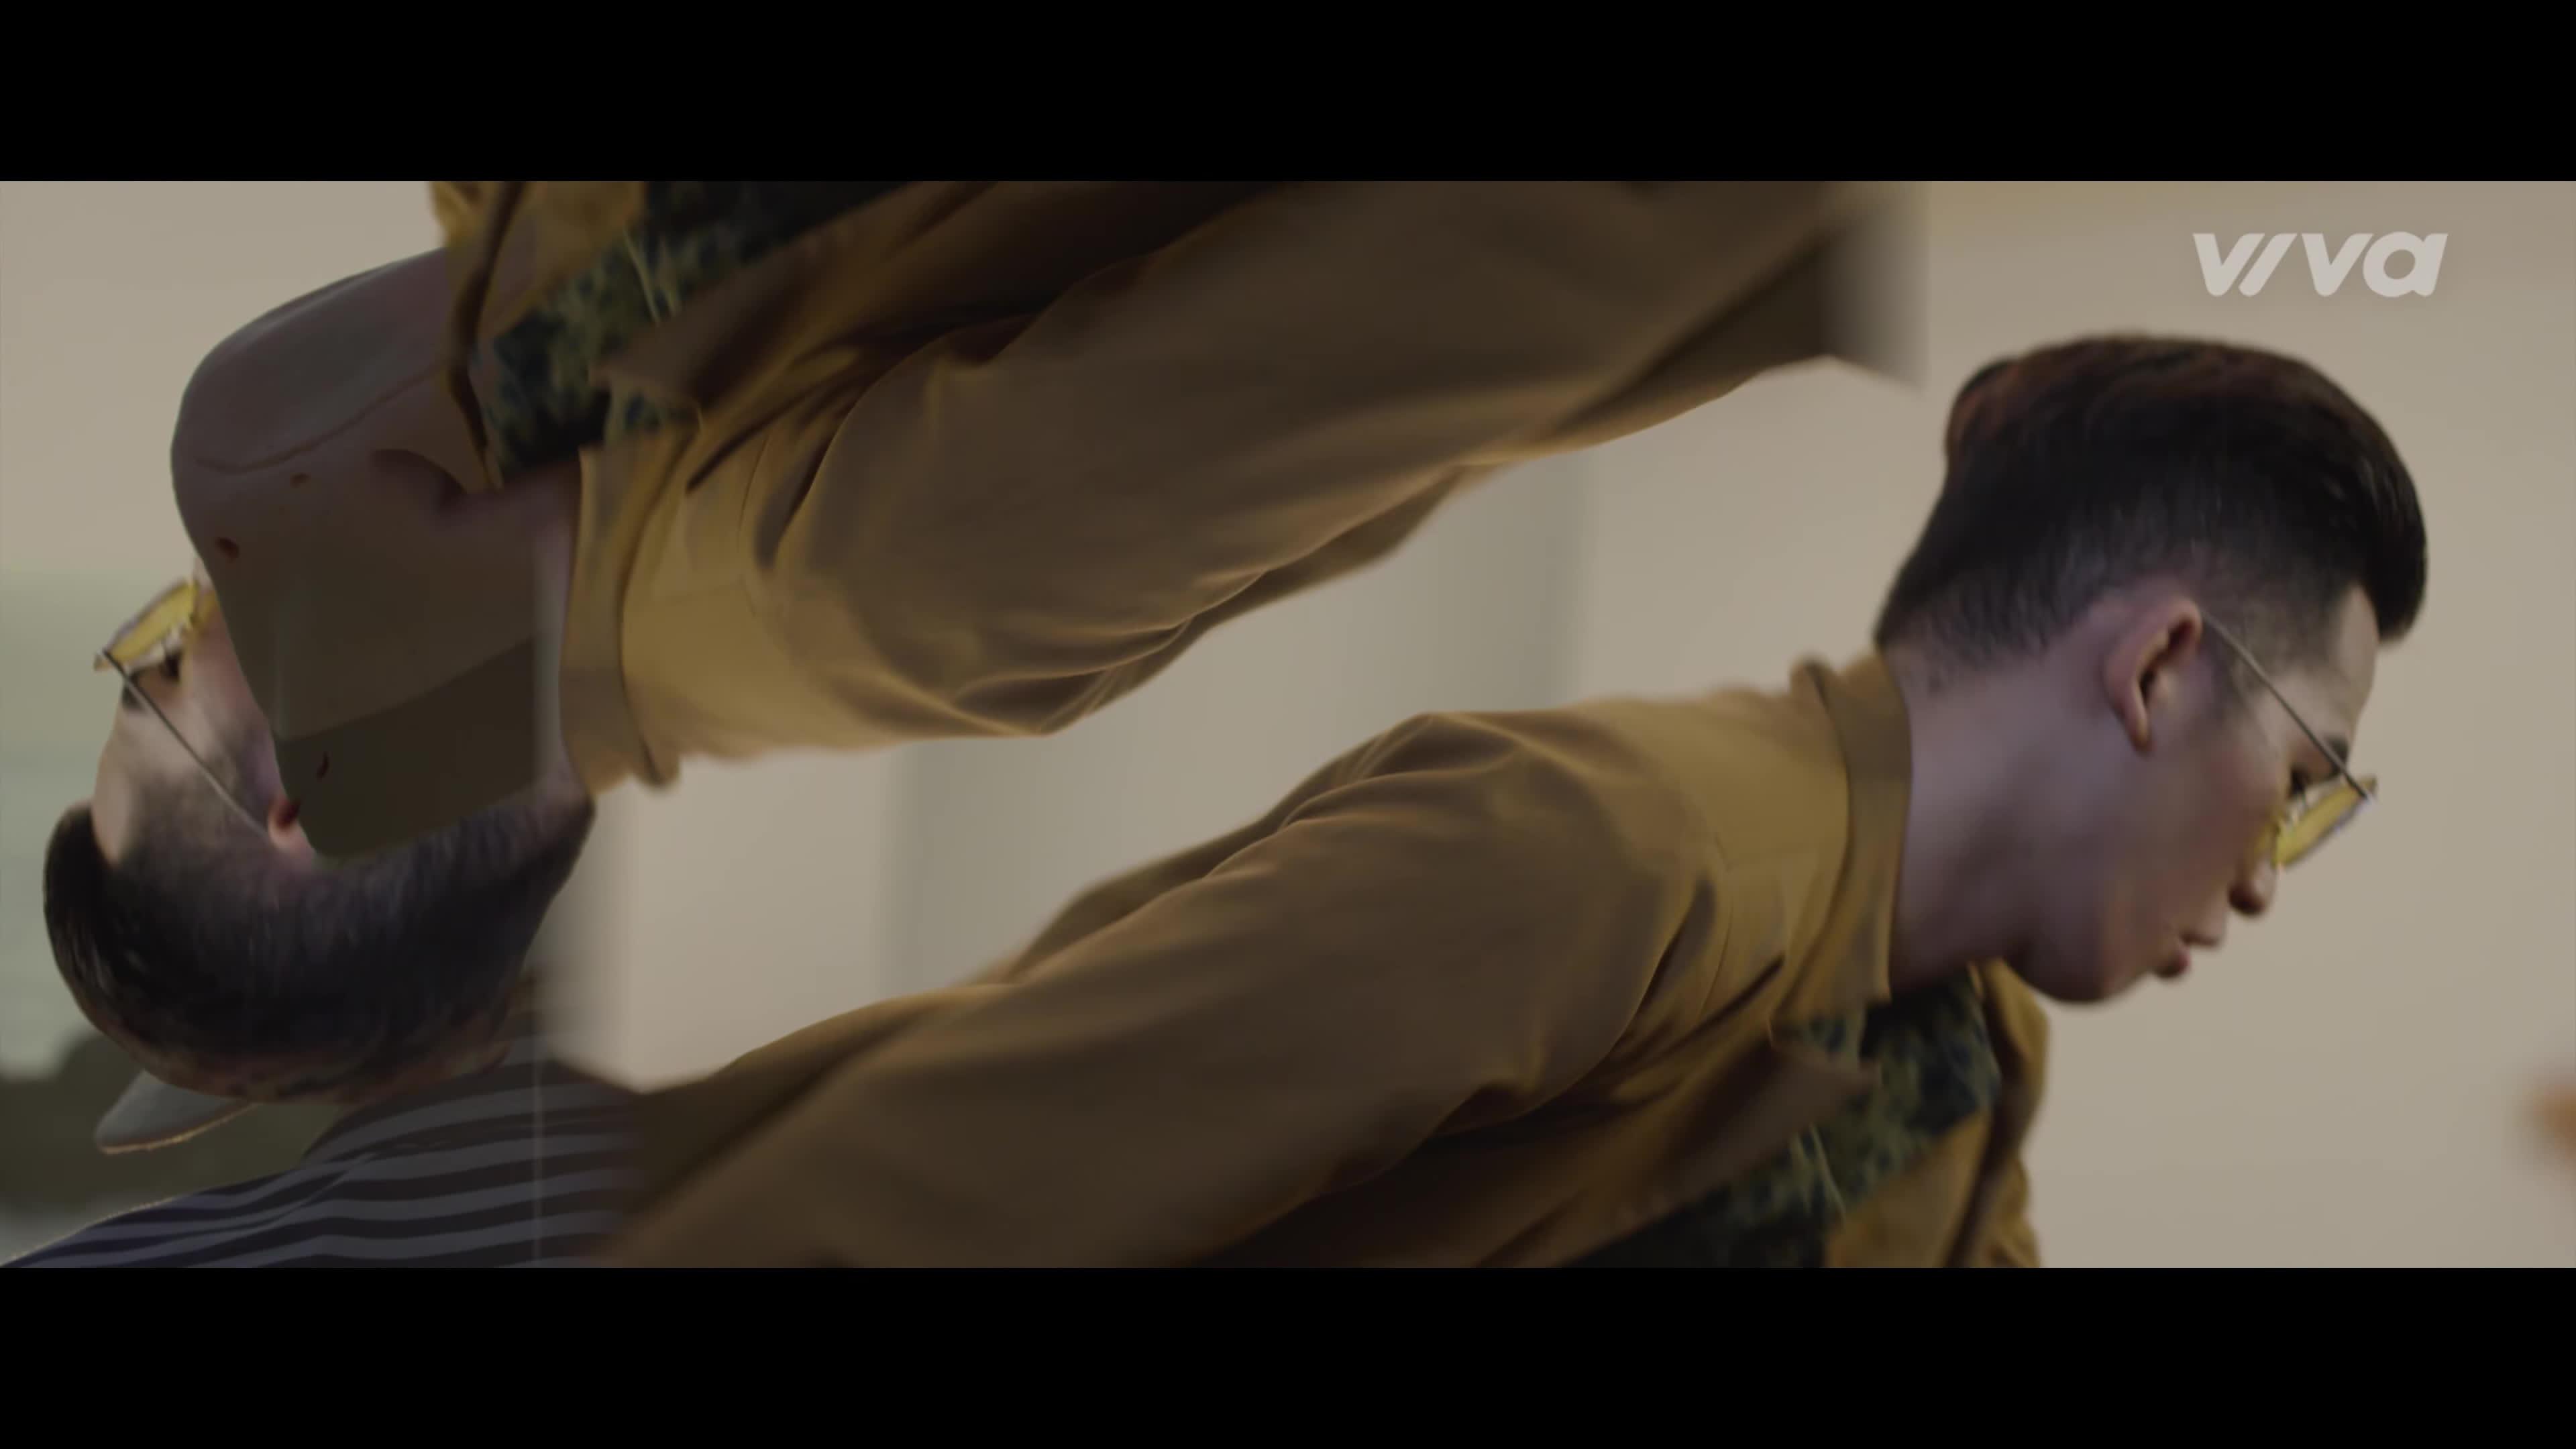 Ali Hoàng Dương: Ca khúc cầm cưa quốc dân và MV chấm phá sự nổi loạn đầy sáng tạo